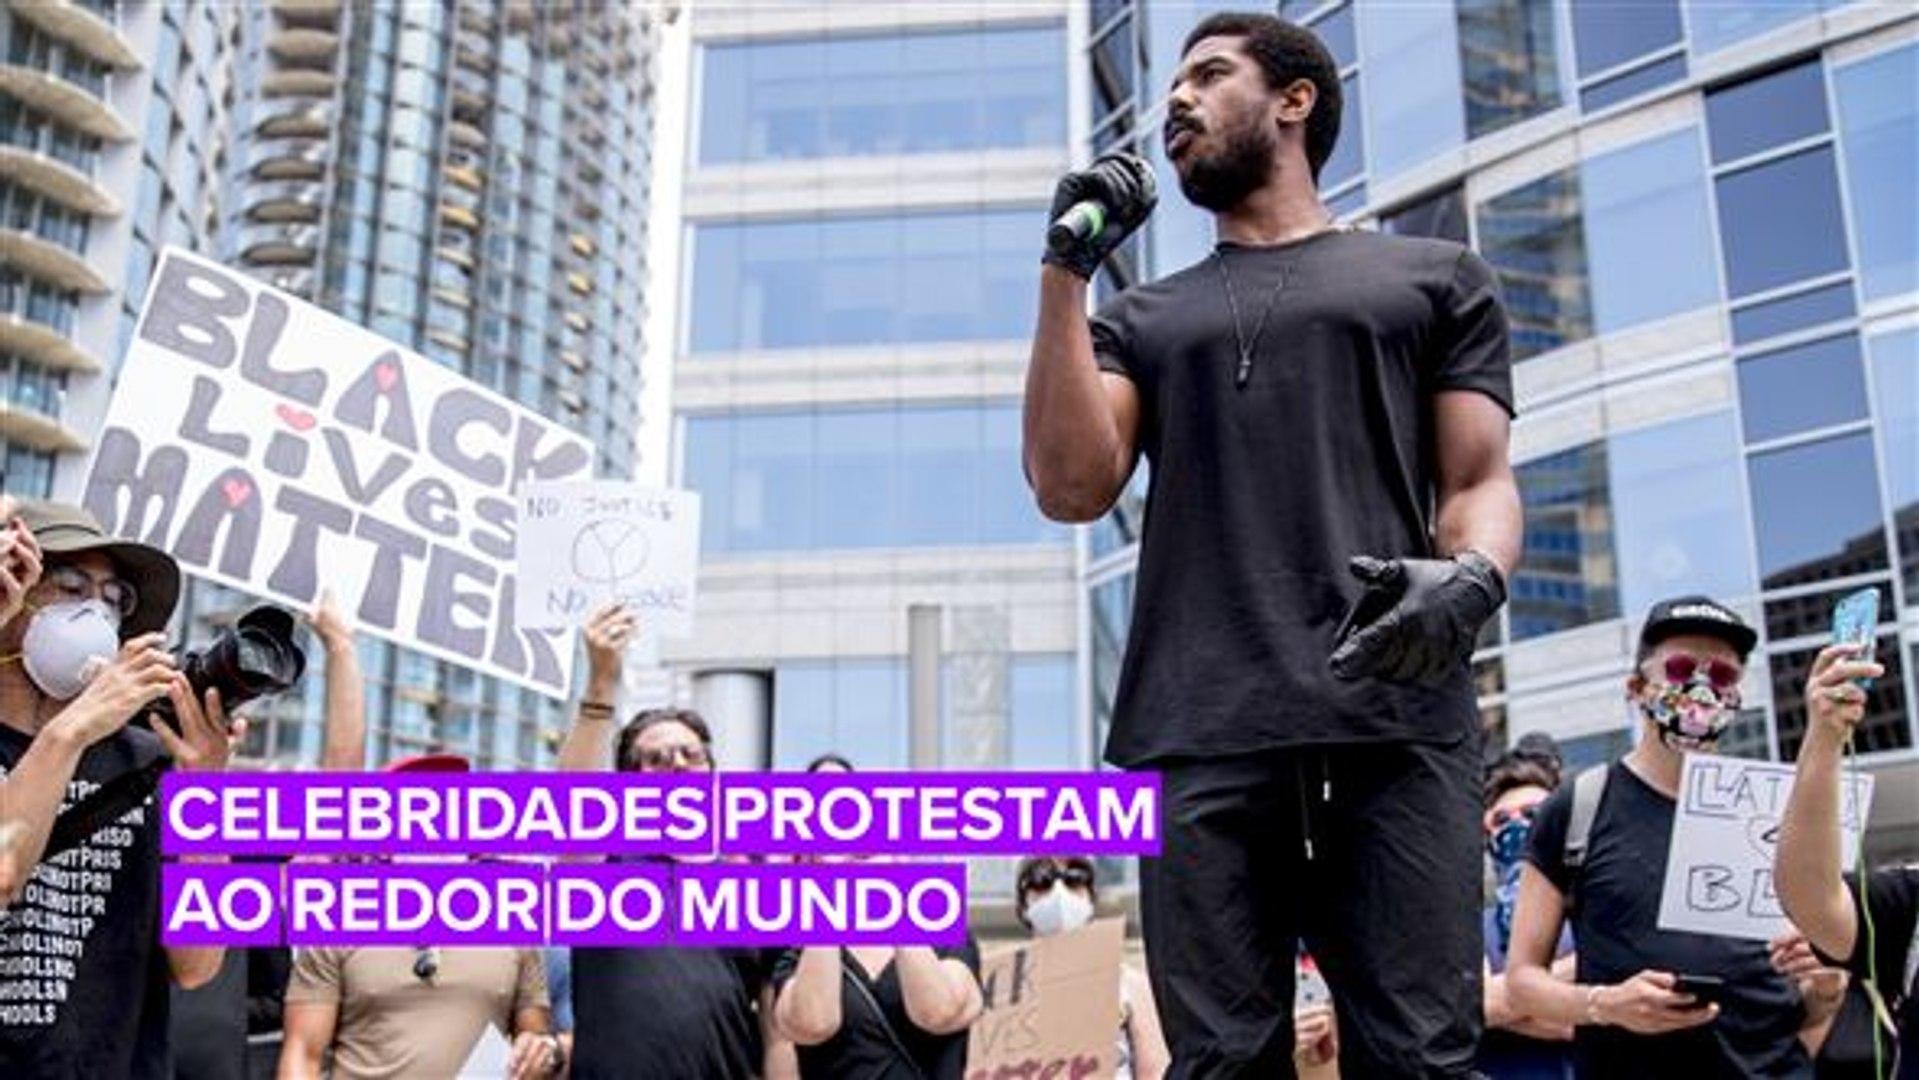 Billie Eilish, JLO e mais celebridades protestam pela #BlackLivesMatter